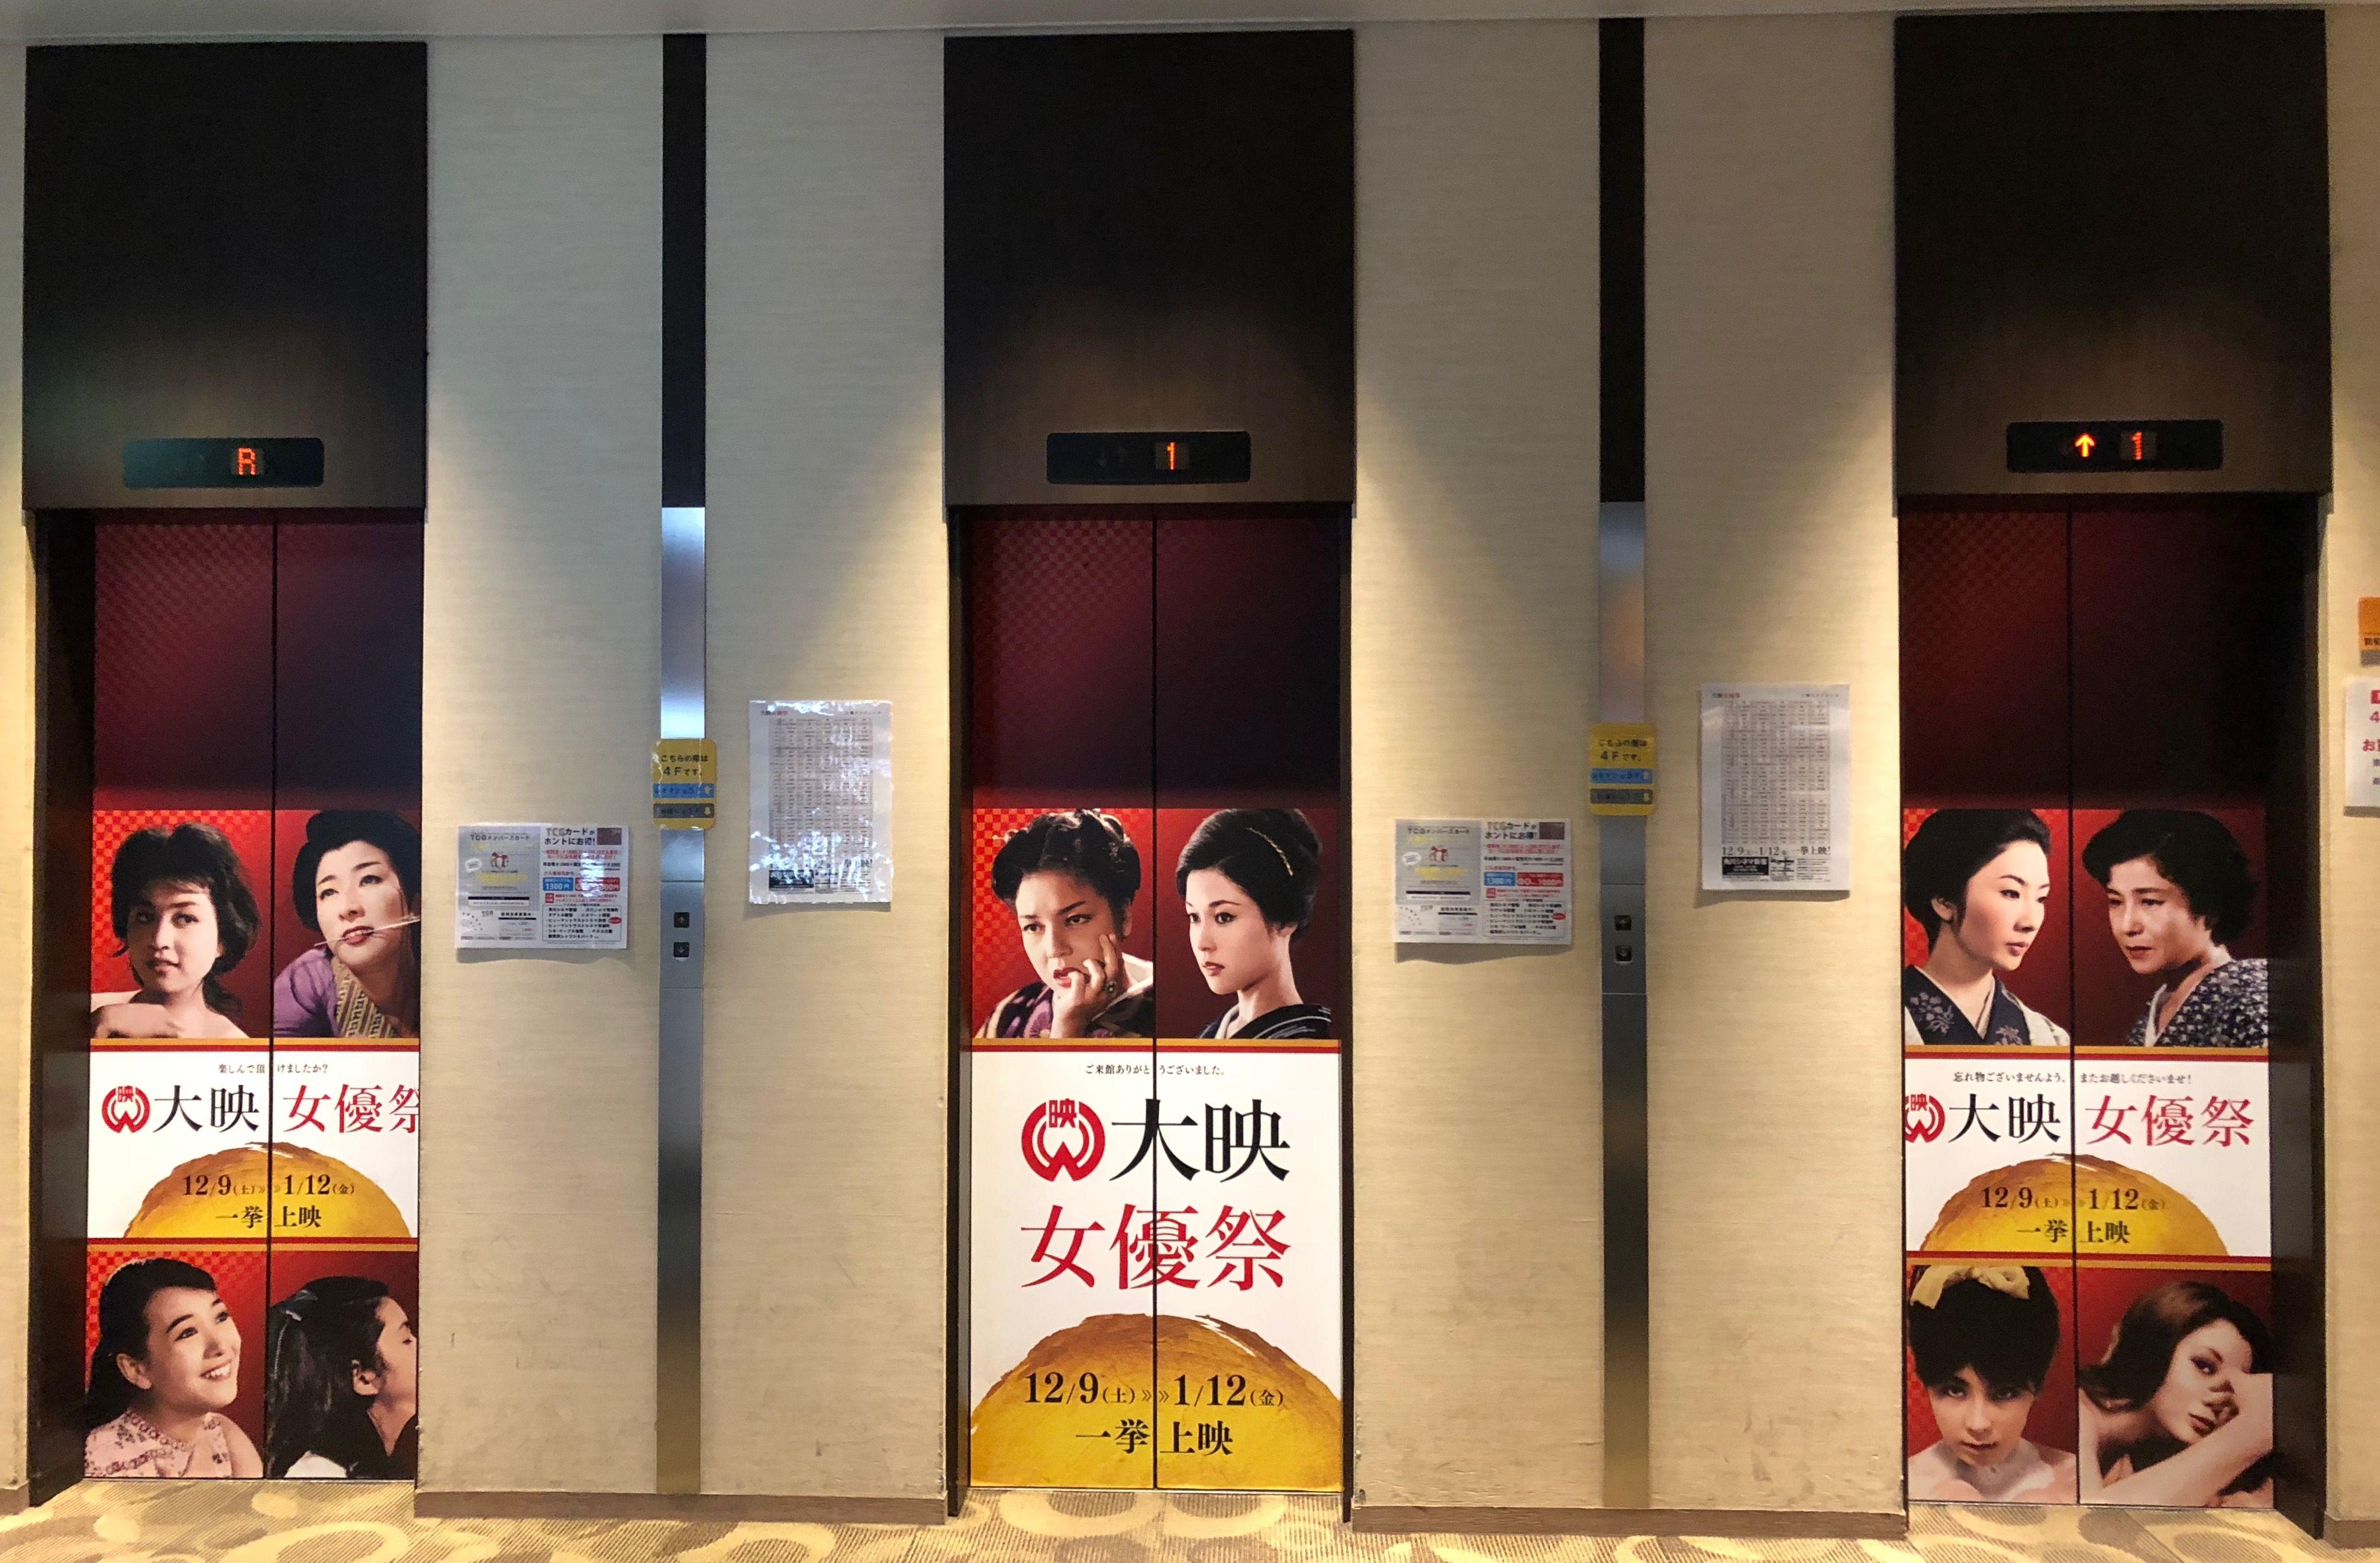 大映女優祭のエレベータードア 2017 12 9 日本映画 女優 祭